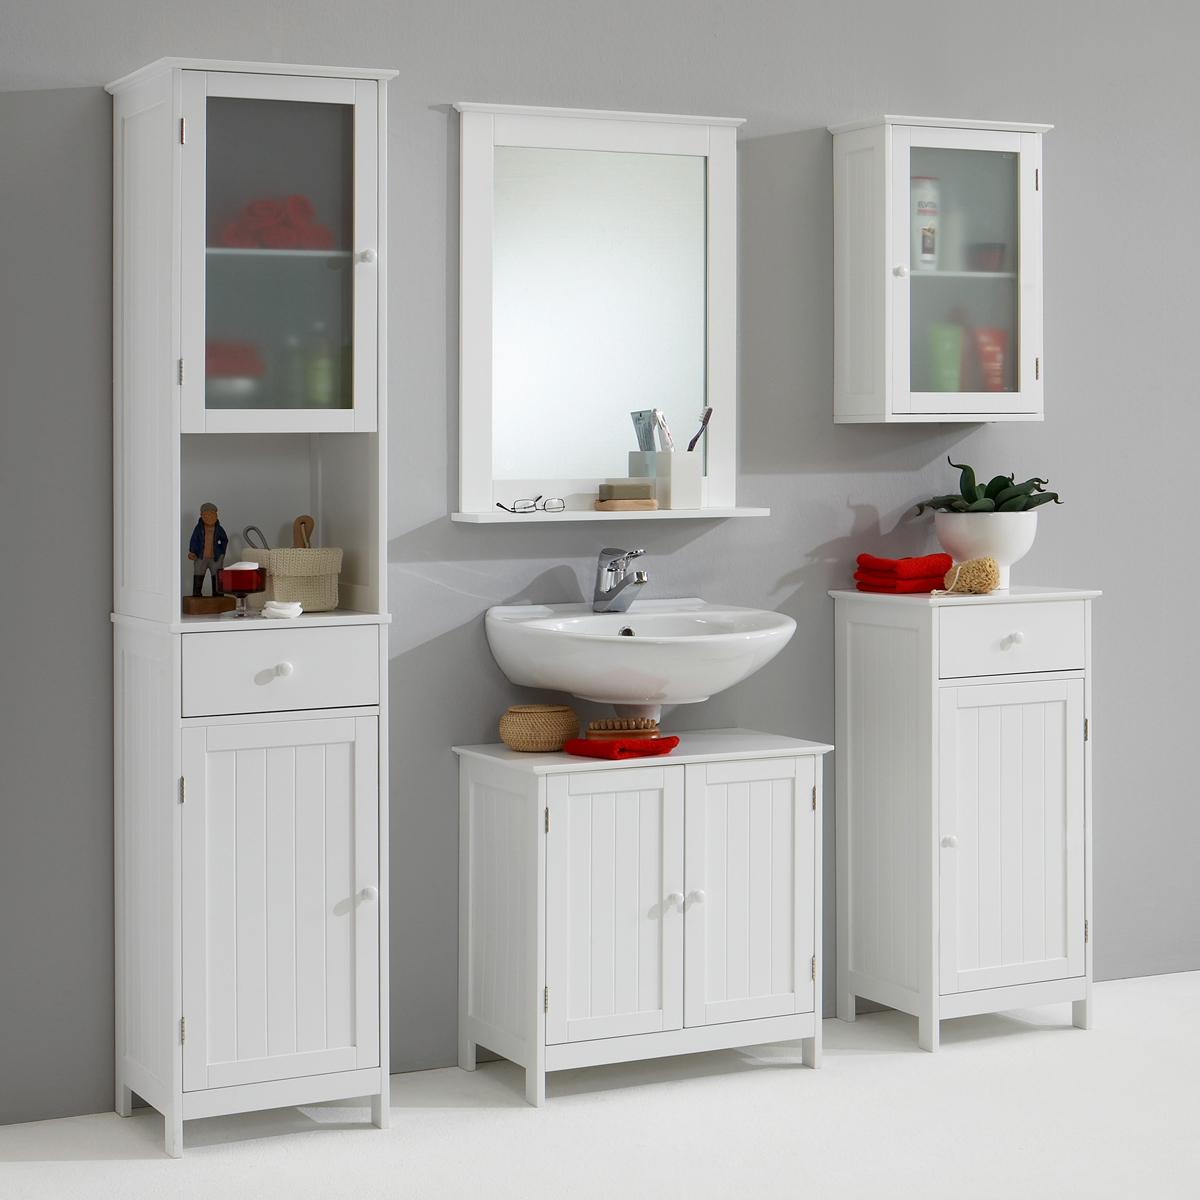 badezimmer set stockholm 5 teile badm del schrank spiegel kommode wei ebay. Black Bedroom Furniture Sets. Home Design Ideas